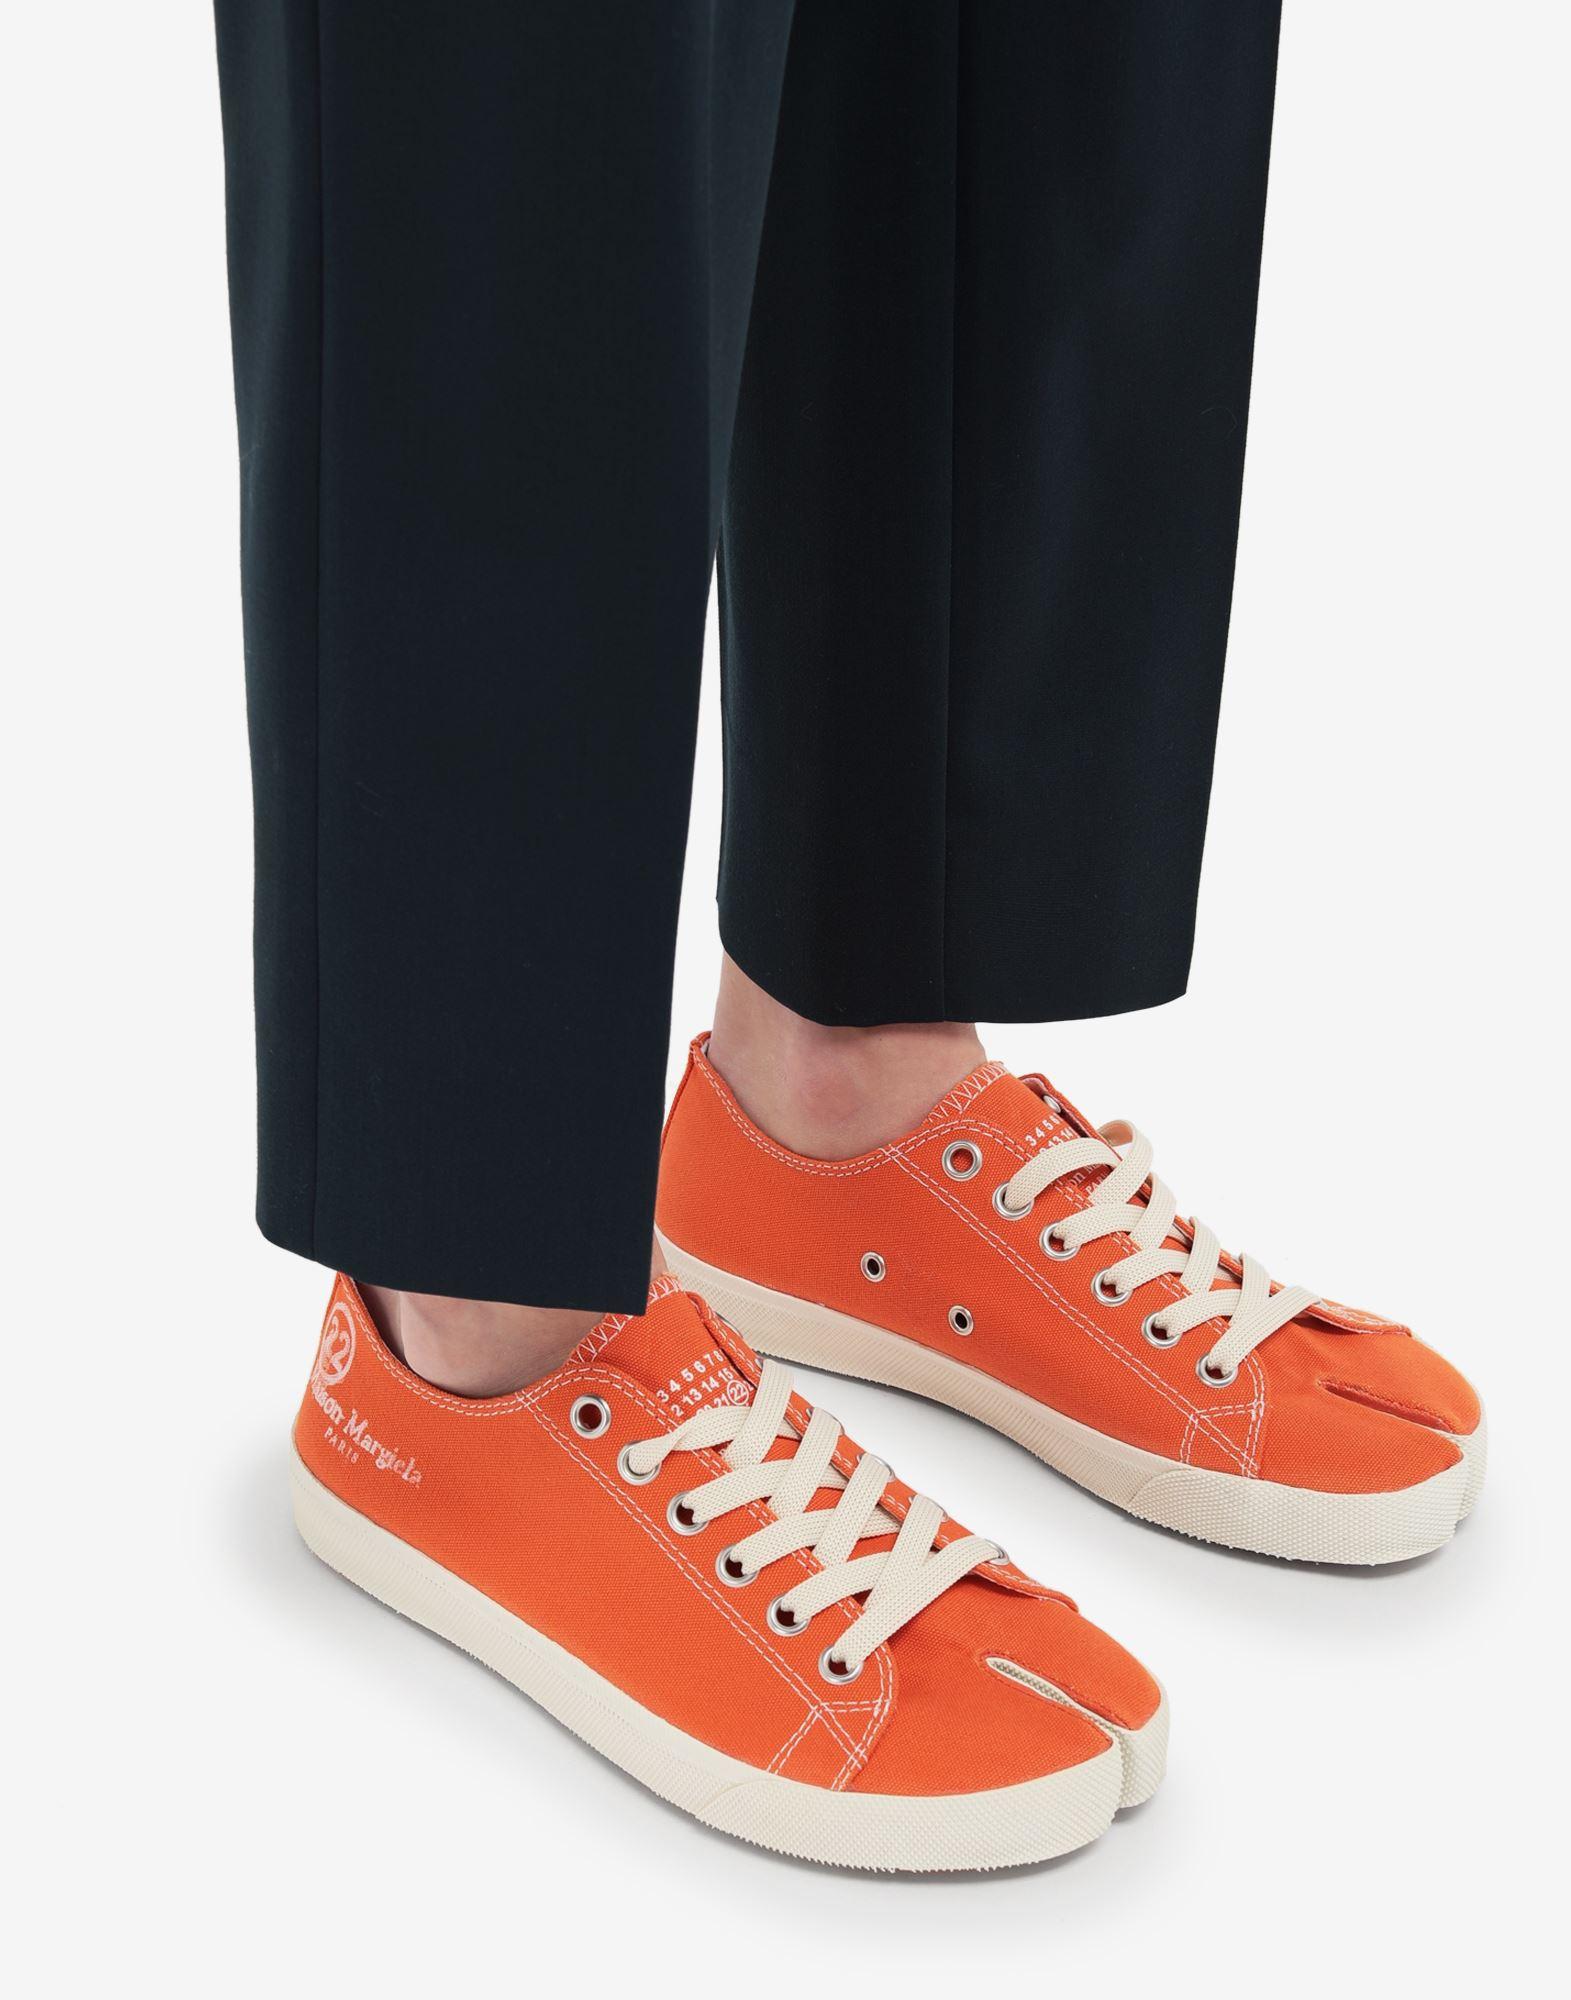 MAISON MARGIELA Низкие кроссовки Tabi из парусины Sneakers Tabi Для Женщин b